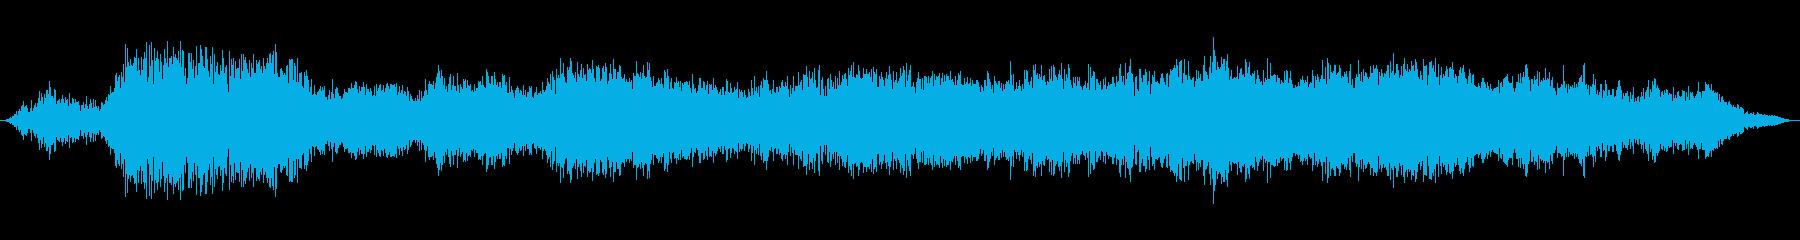 未設定の精神的な声の再生済みの波形